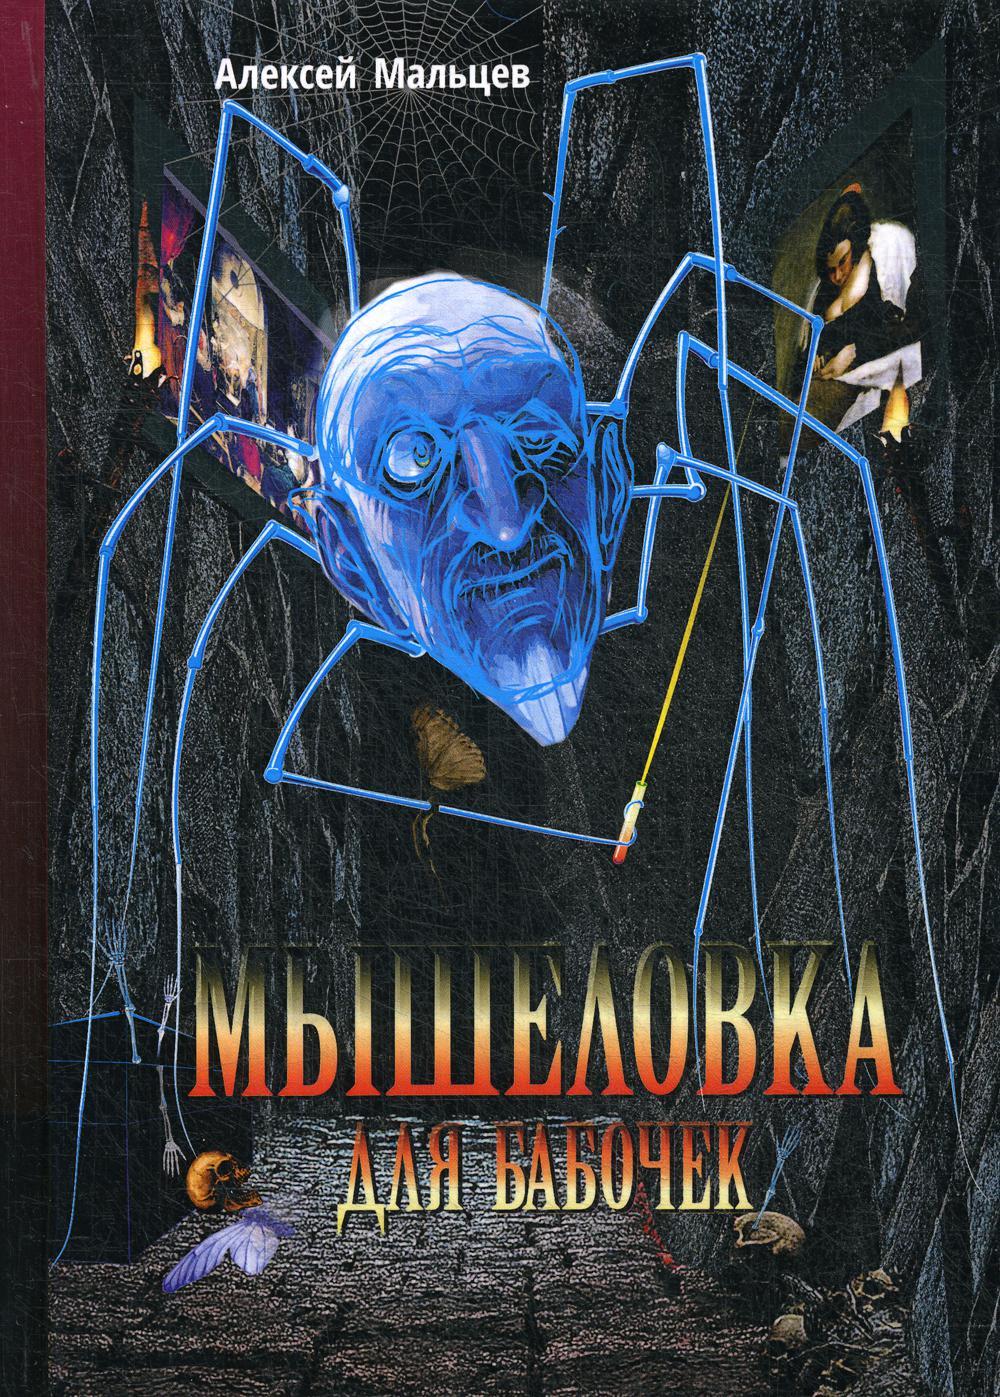 Мышеловка для бабочек: фантастический роман